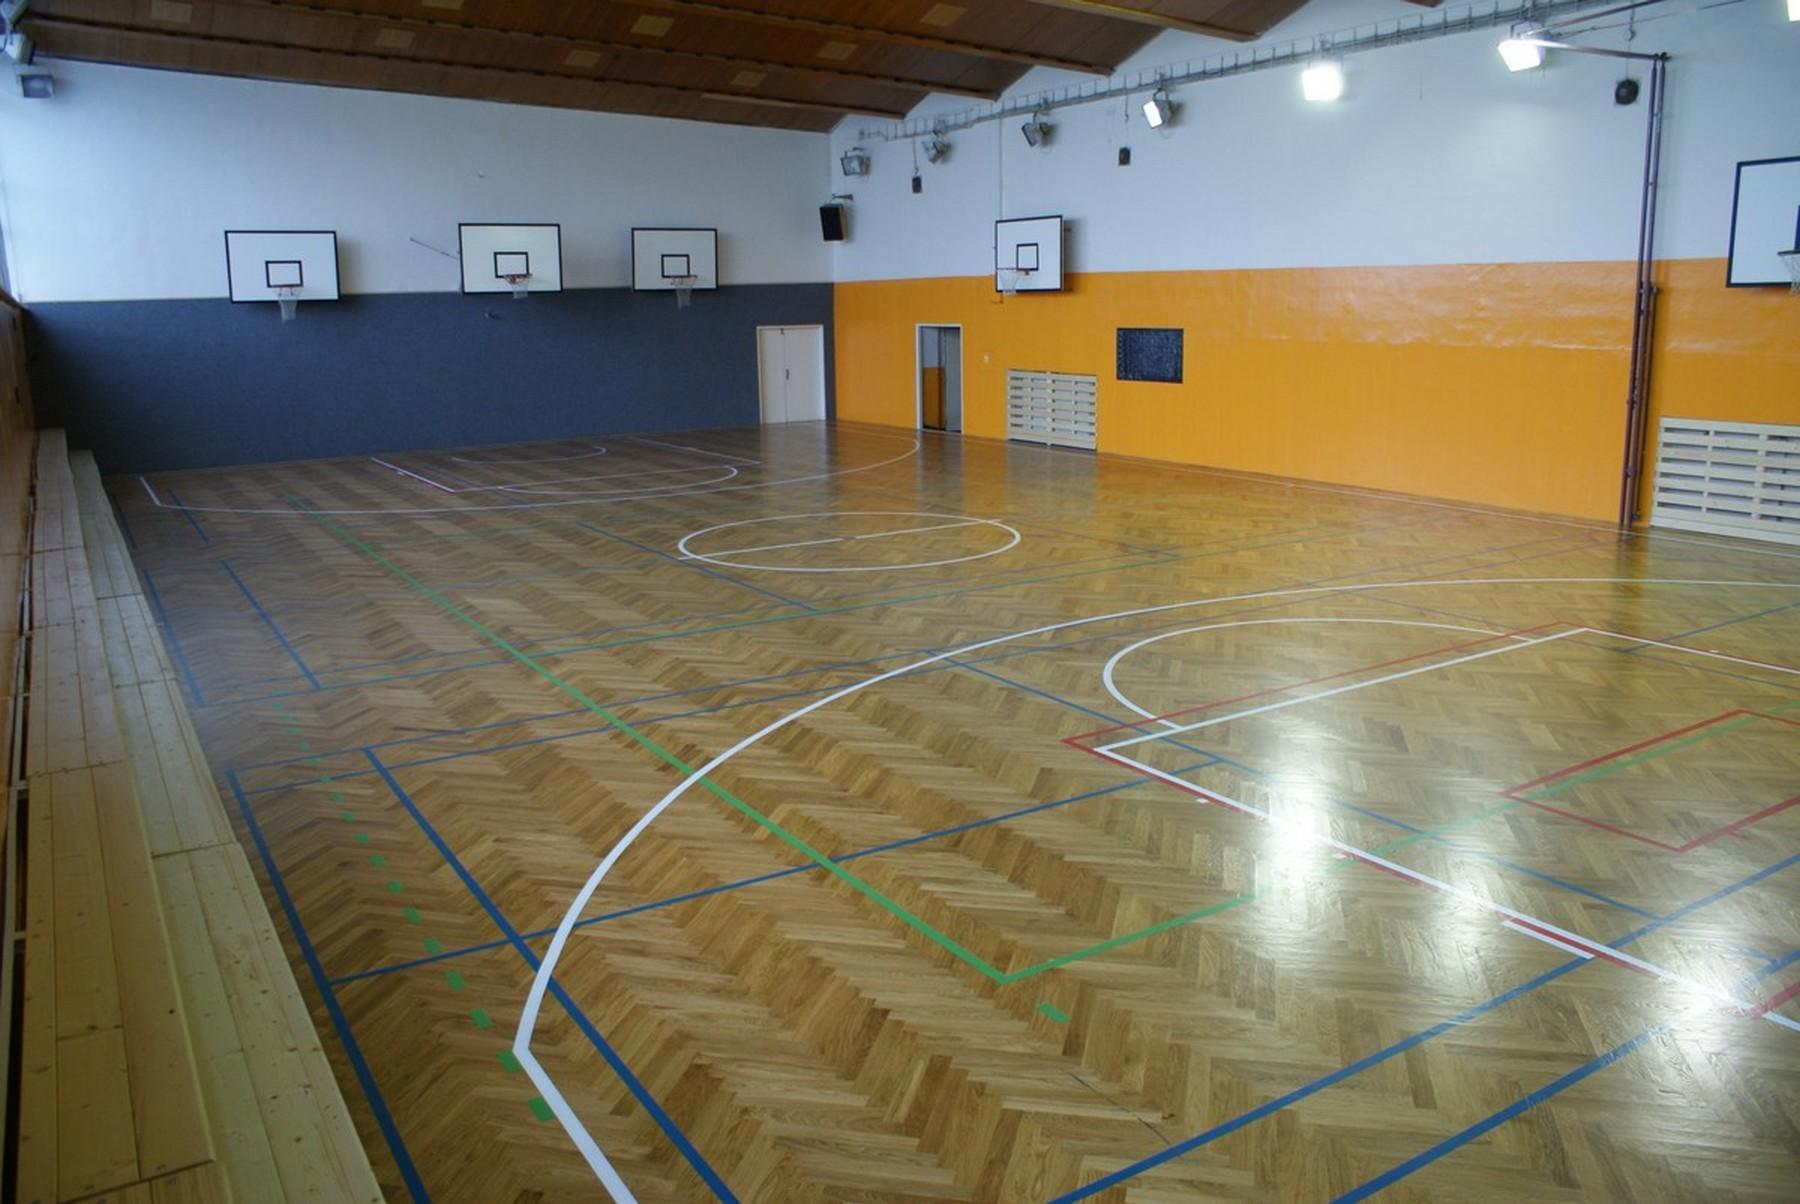 Tělocvična Obchodní akademie Ostrava Mariánské-Hory